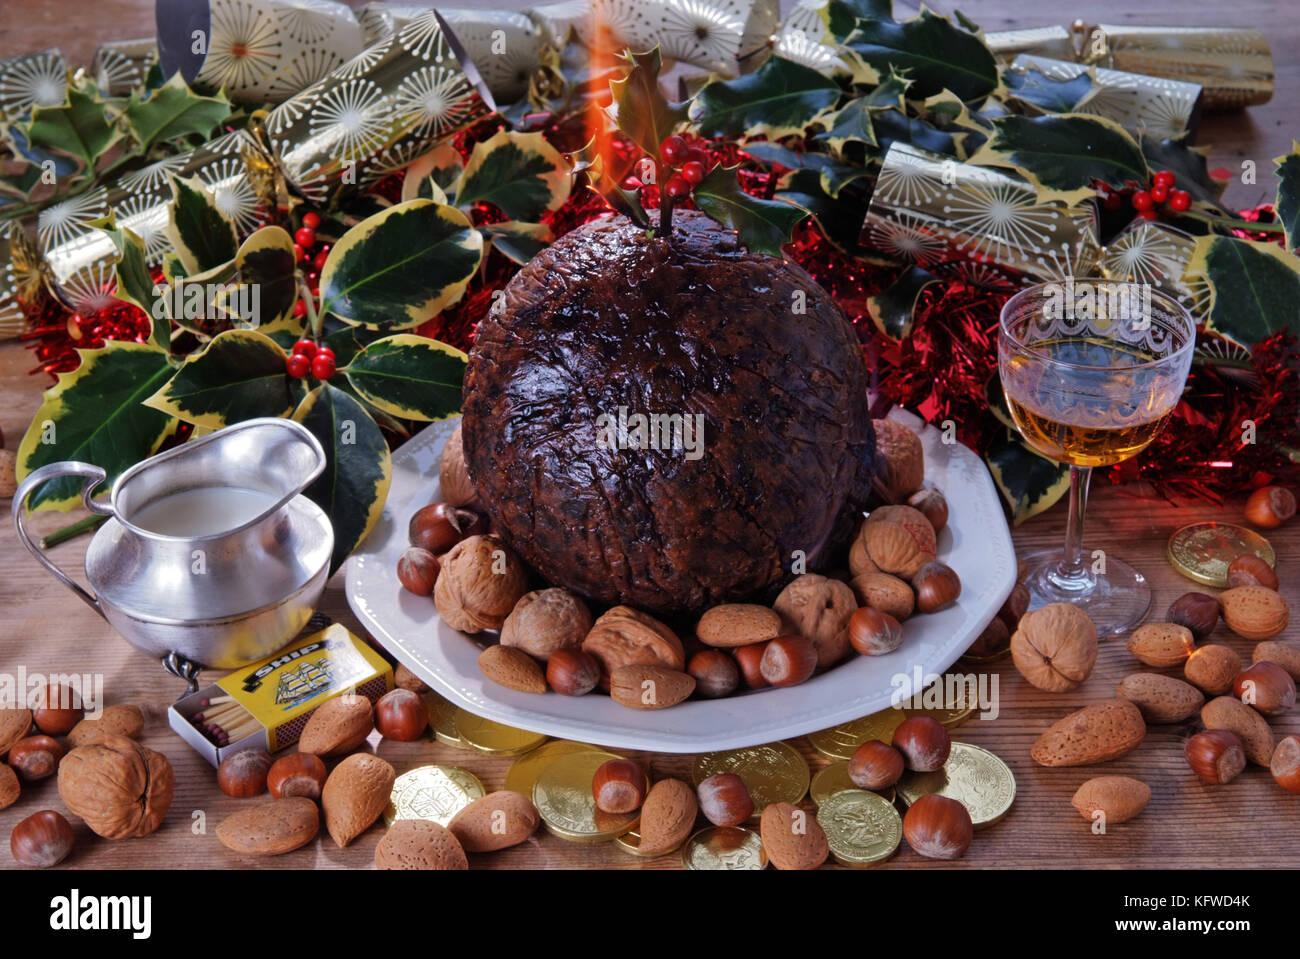 Christmas pudding - Stock Image